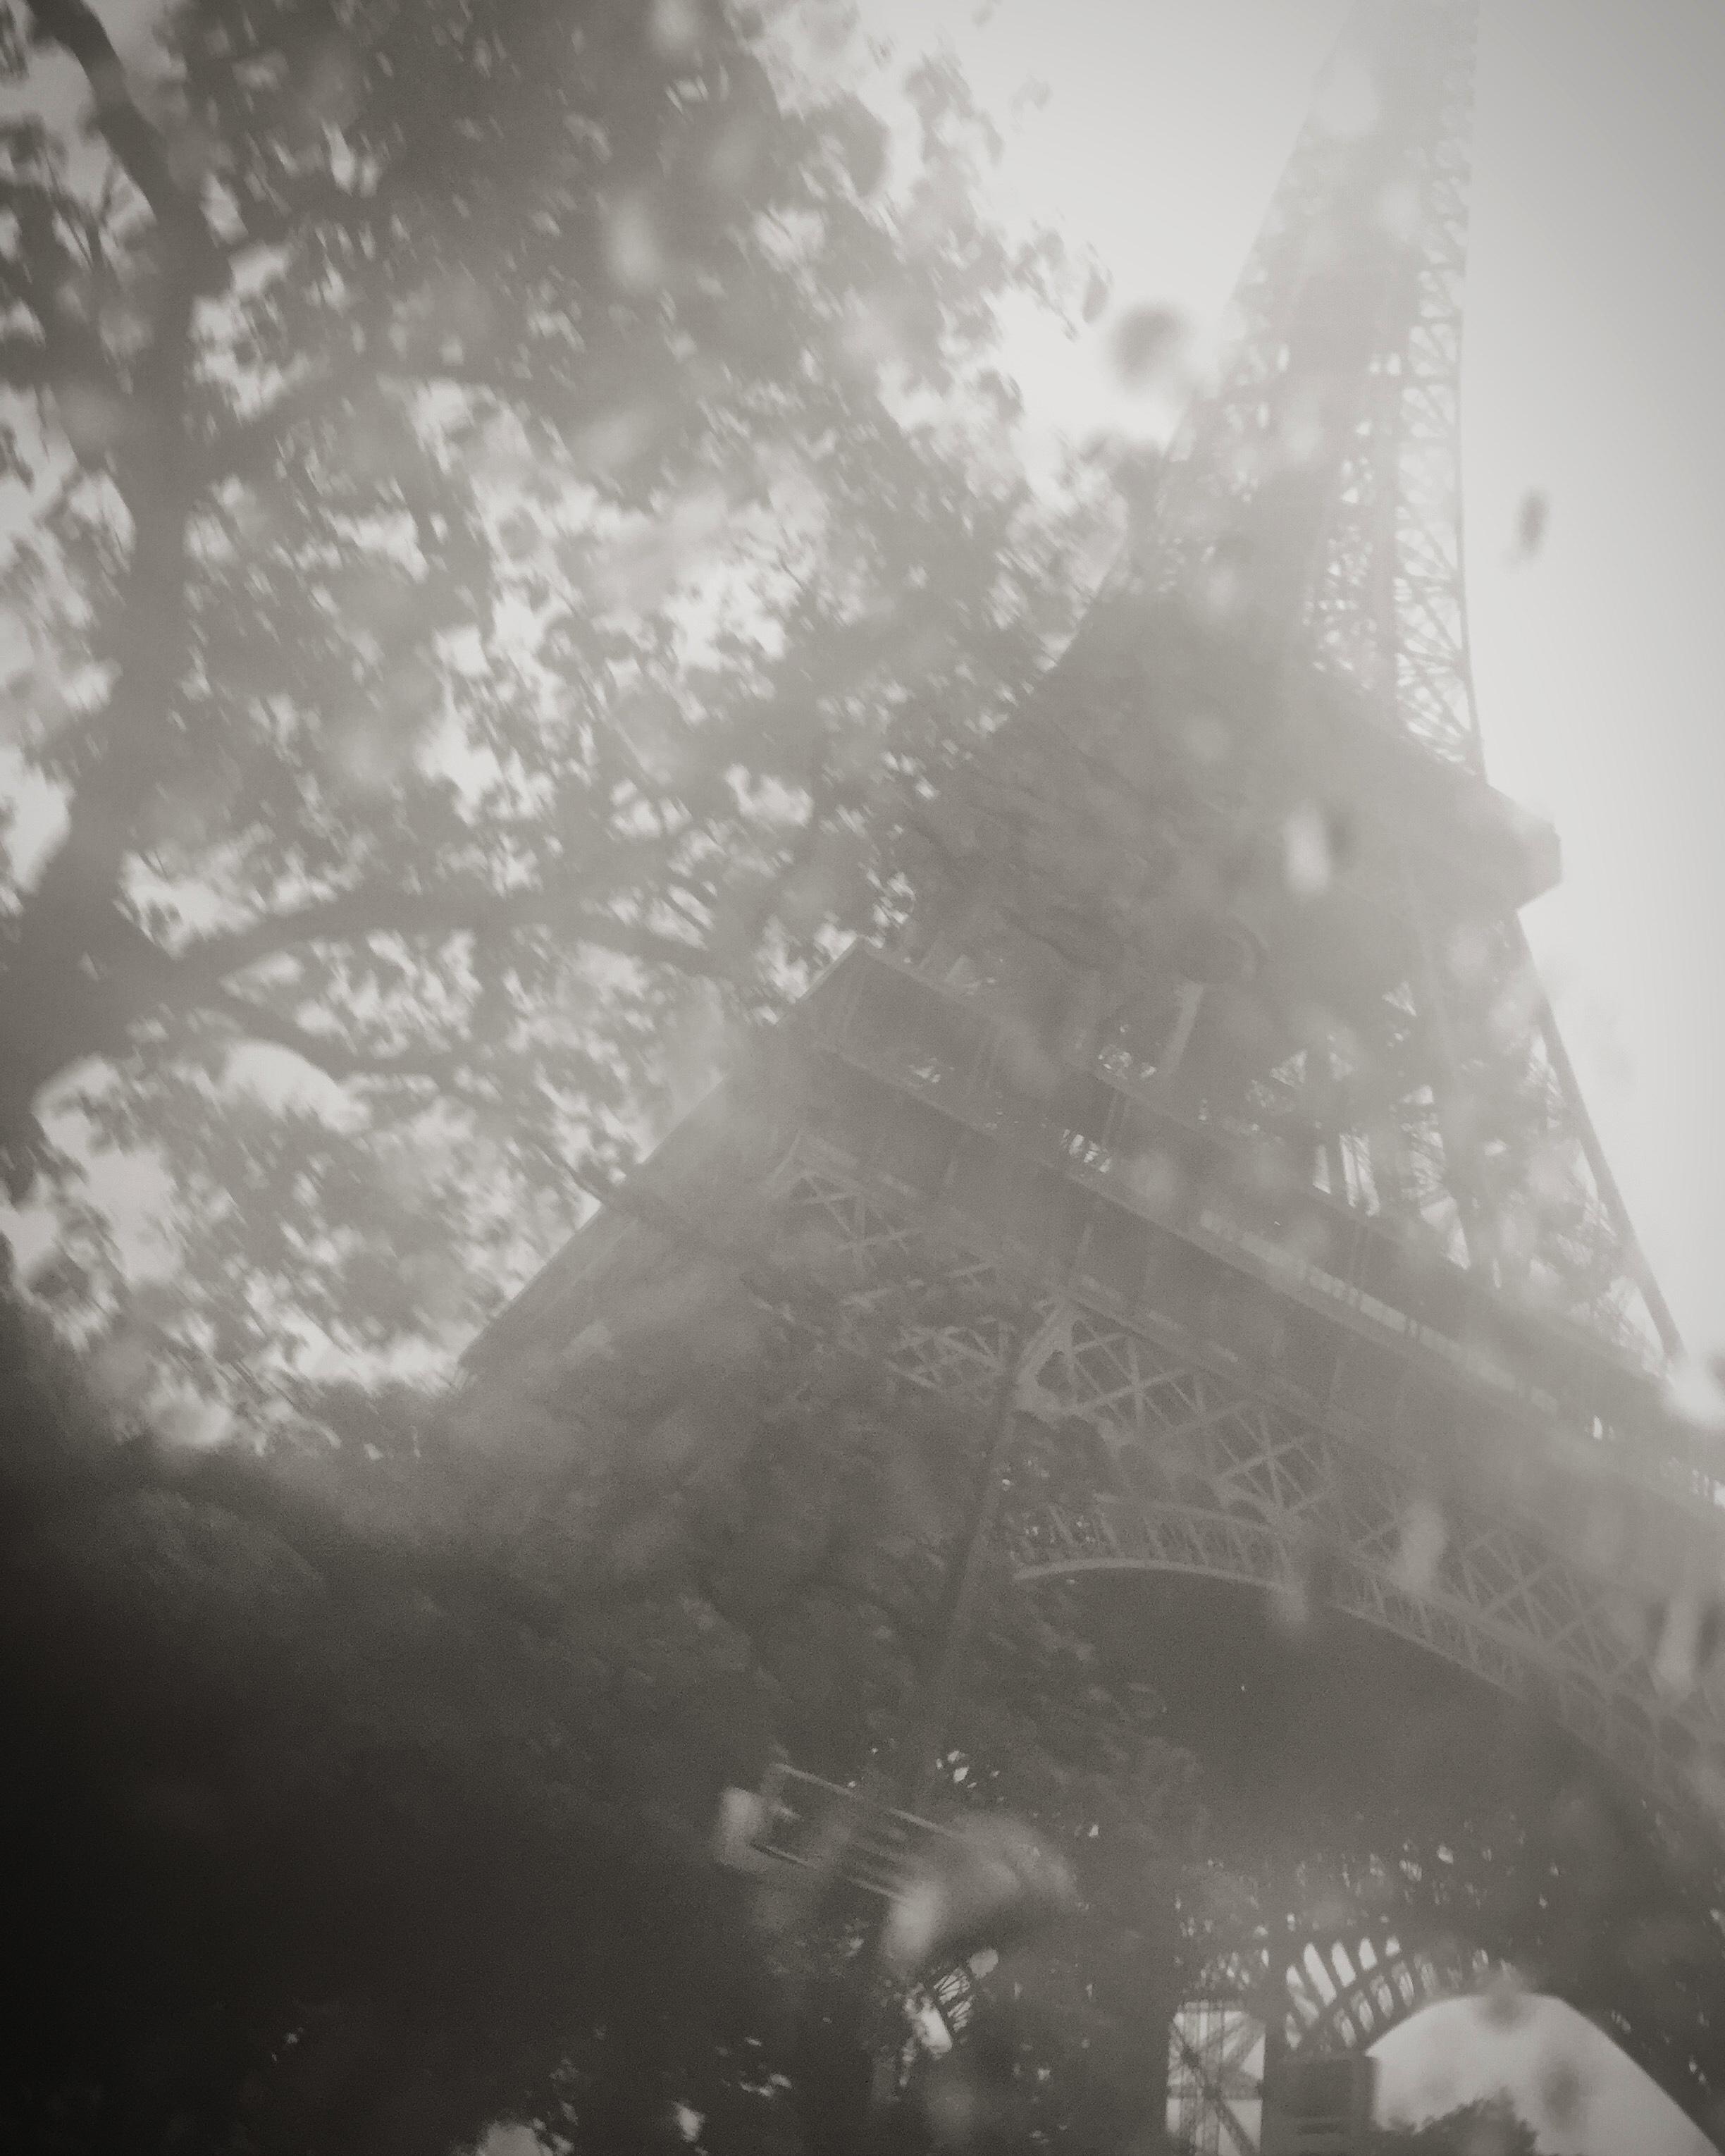 Paris, May 30th, 2016